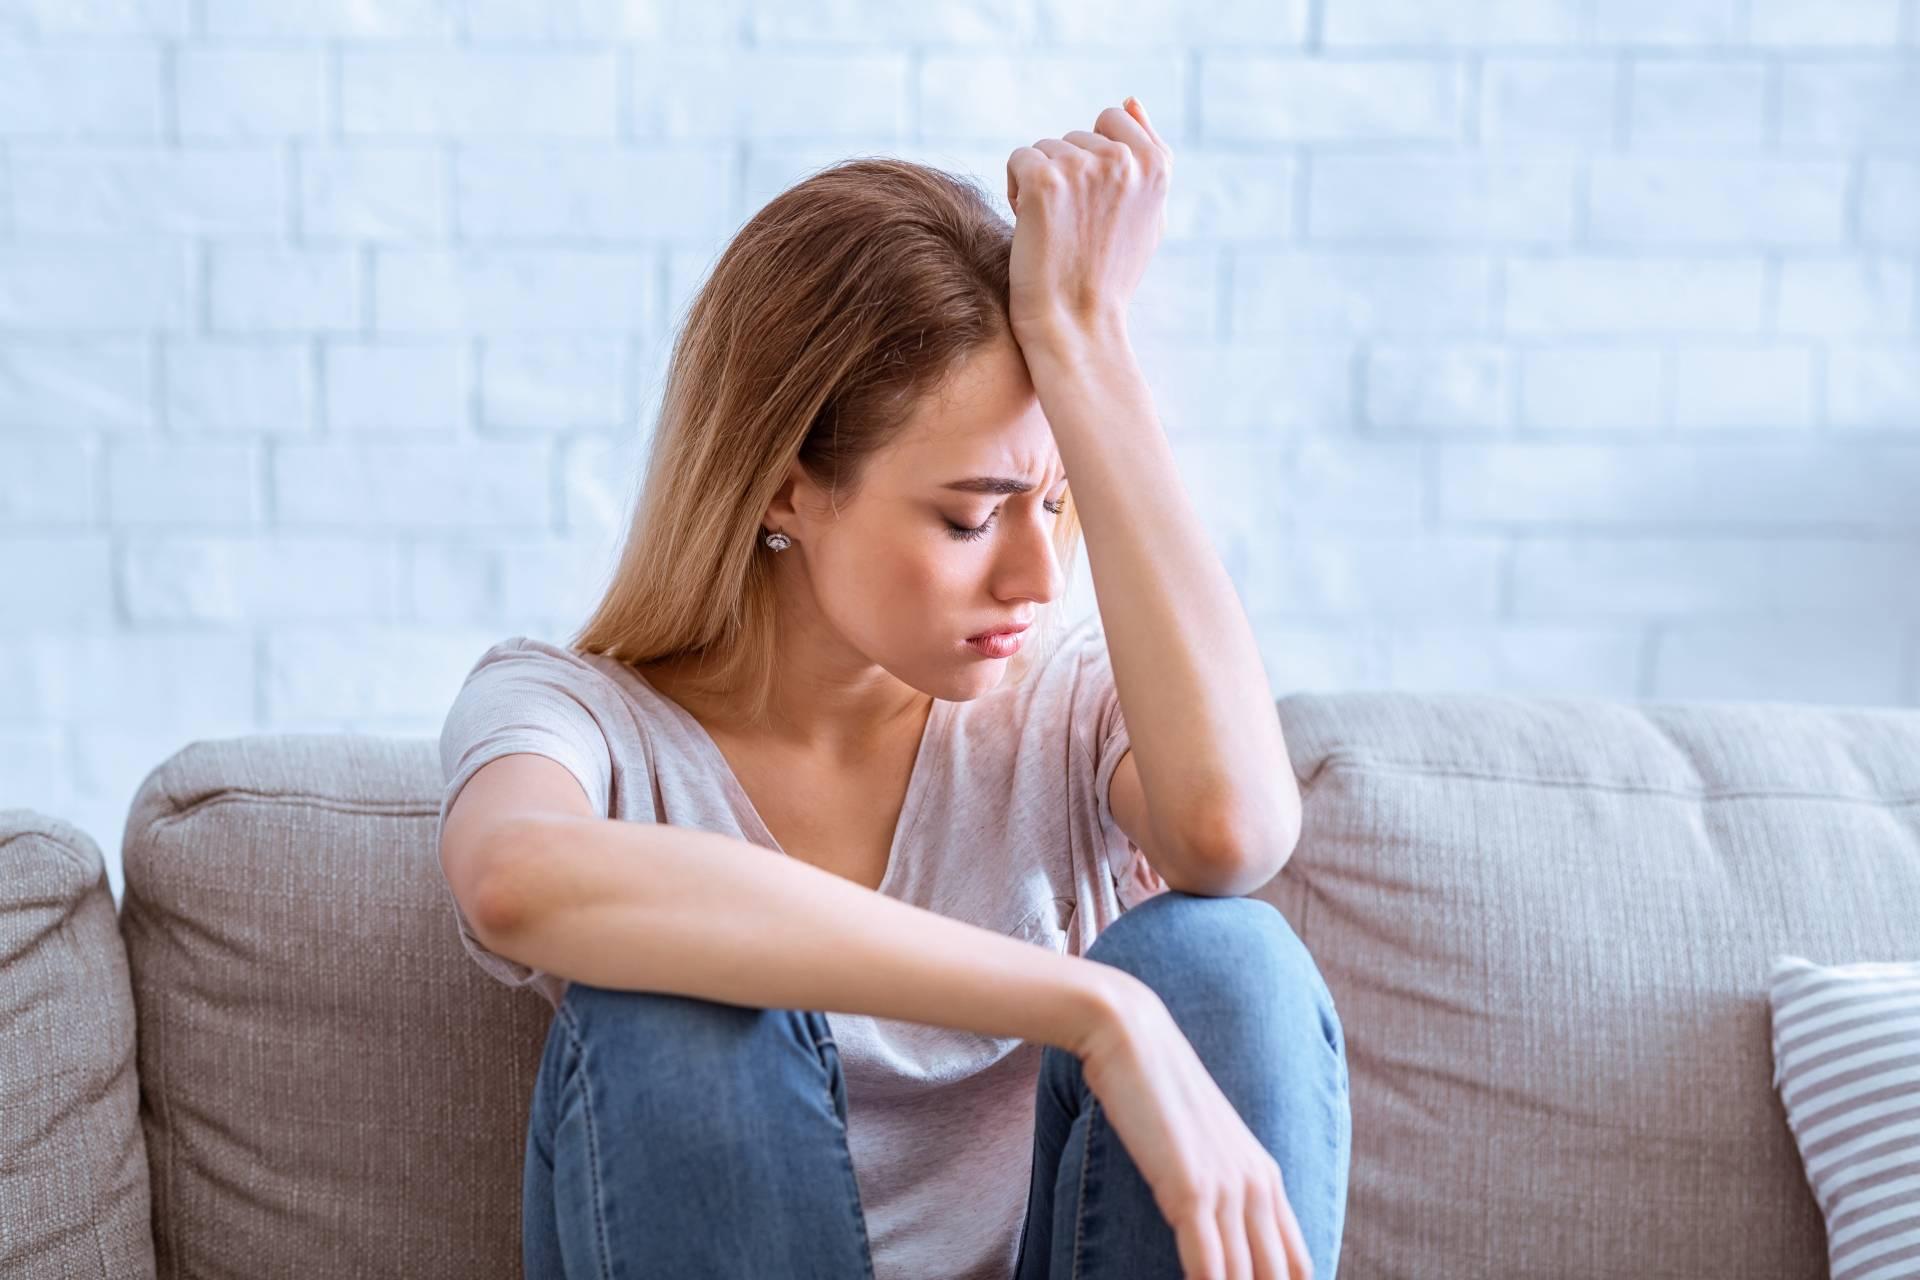 Work-life balance - co zrobić, gdy przychodzi życiowy kryzys i depresja? Smutna młoda kobieta siedzi na kanapie, opiera łokcie na podciągniętych kolanach i trzyma się za głowę.